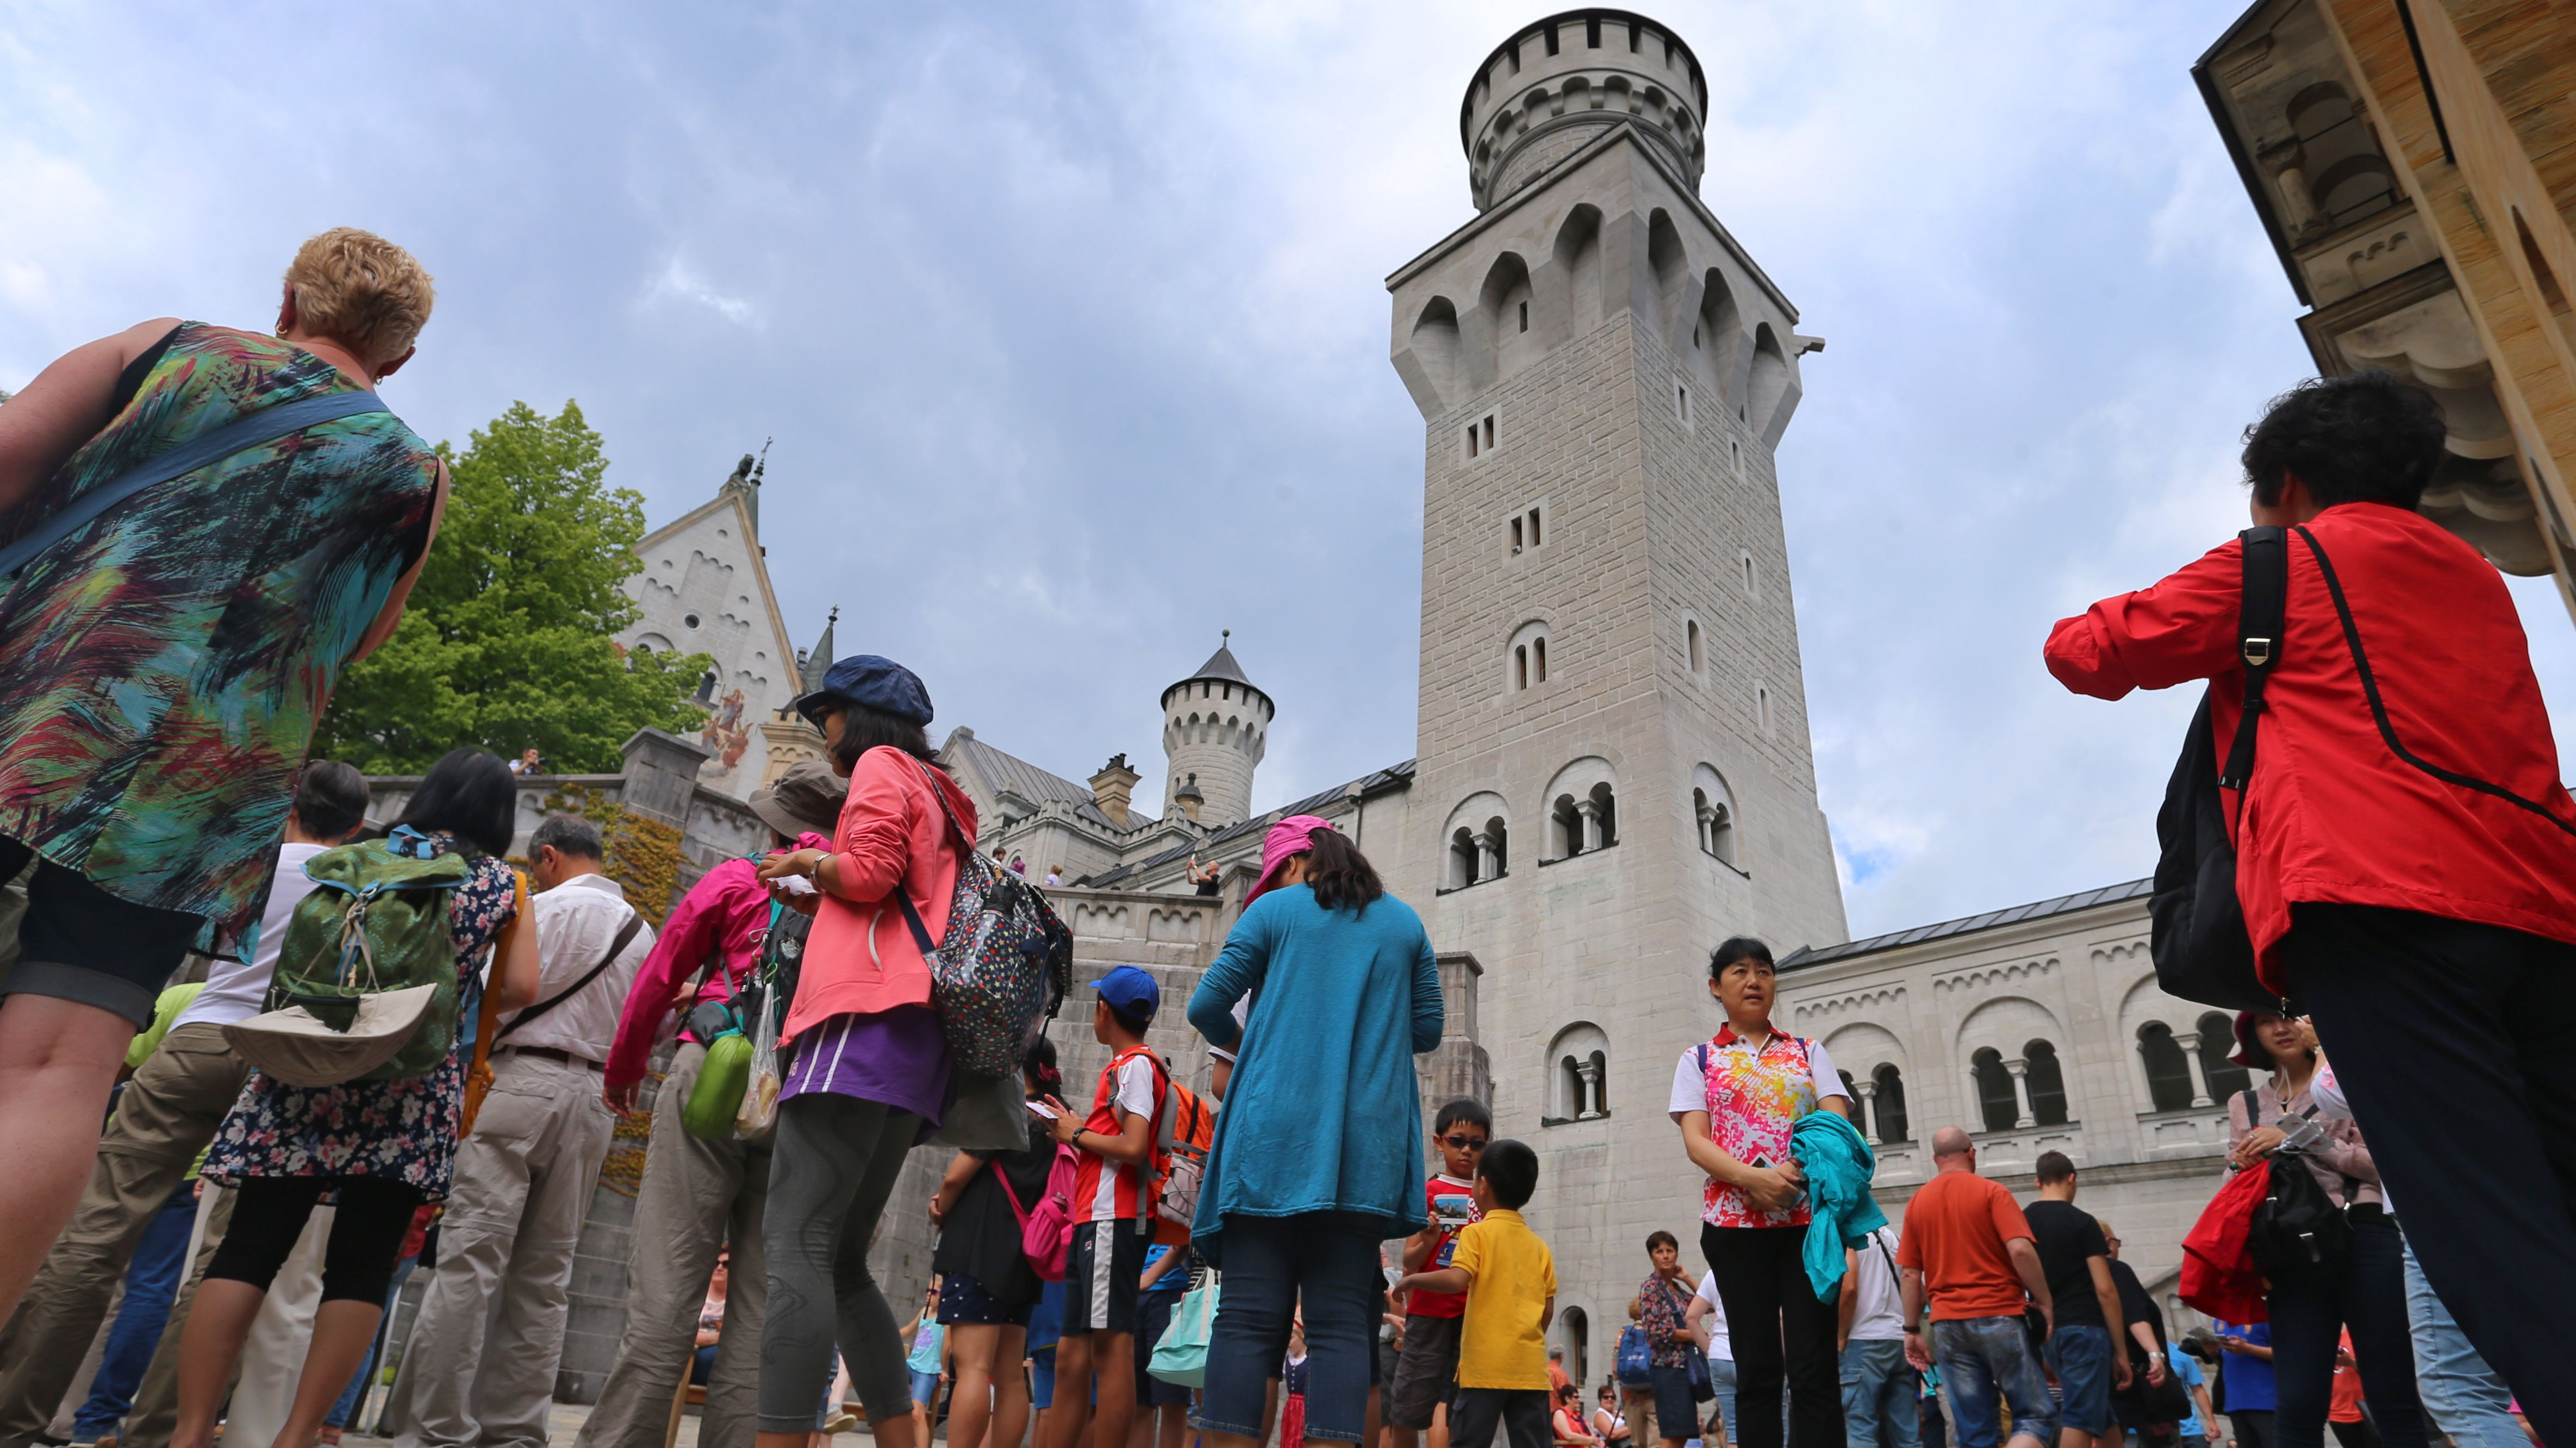 Touristen stehen im Innenhof des Schlosses Neuschwanstein bei Füssen